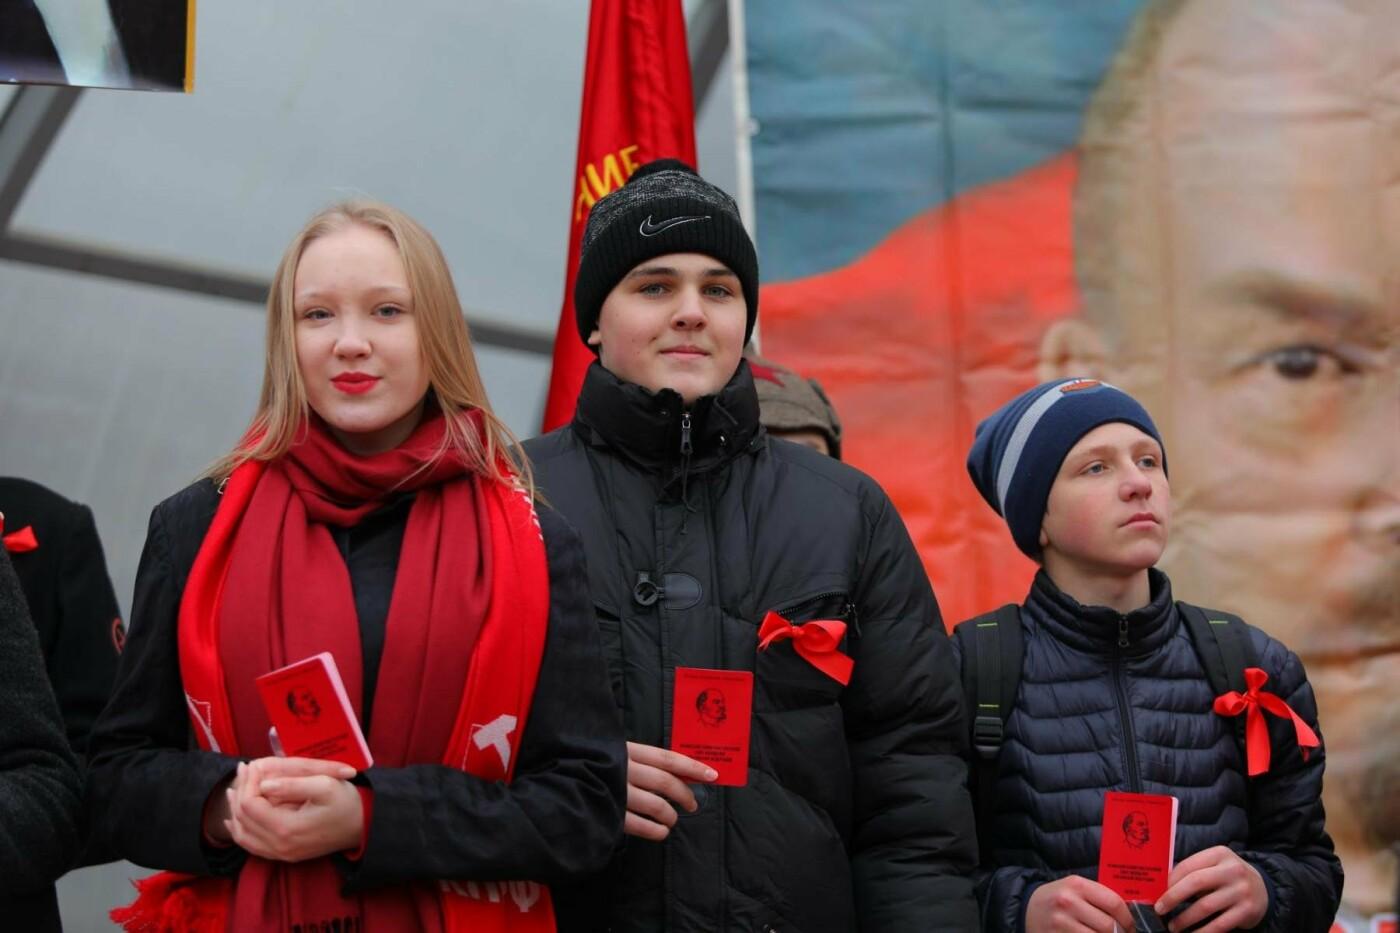 В парке Победы прошла демонстрация в честь 100-летия революции, фото-15